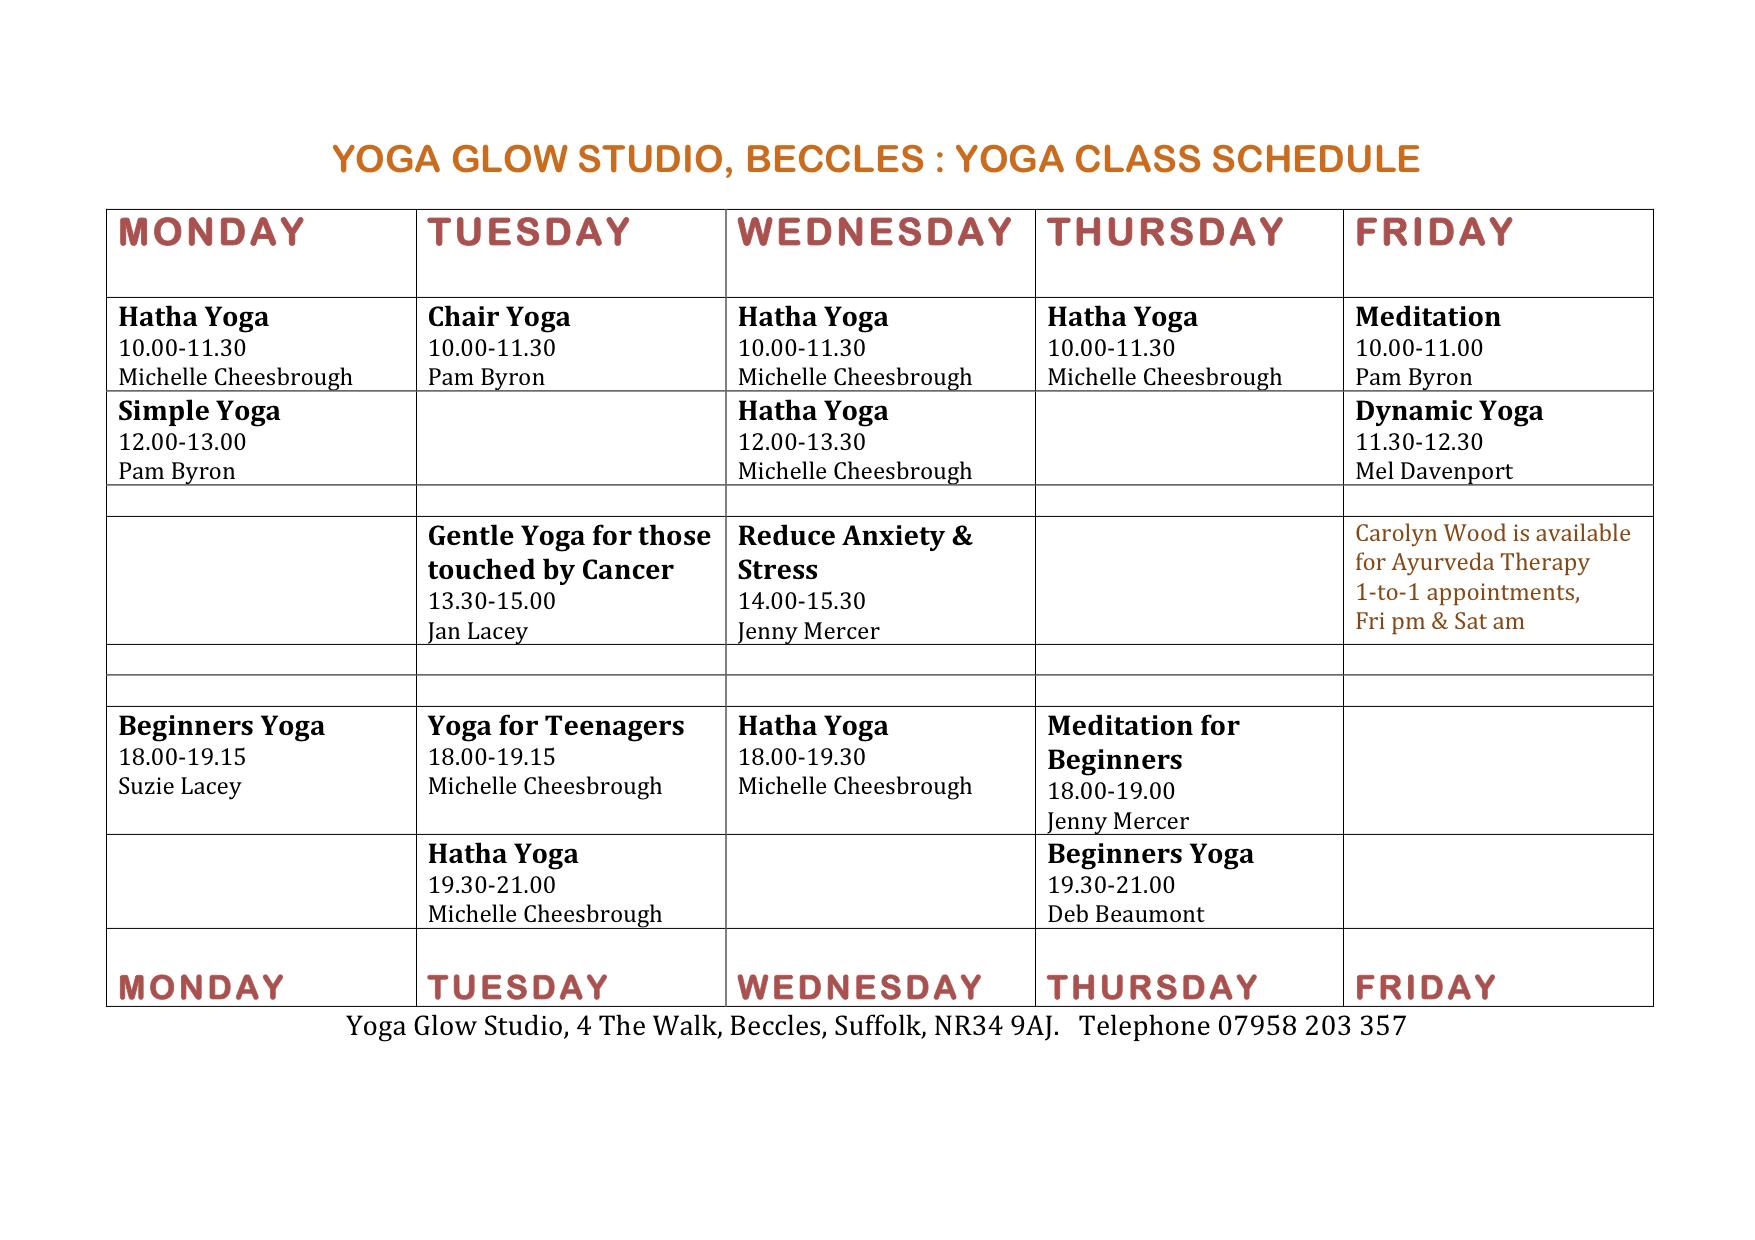 Yoga Classes in Yoga Glow Studio Schedule Autumn 2012